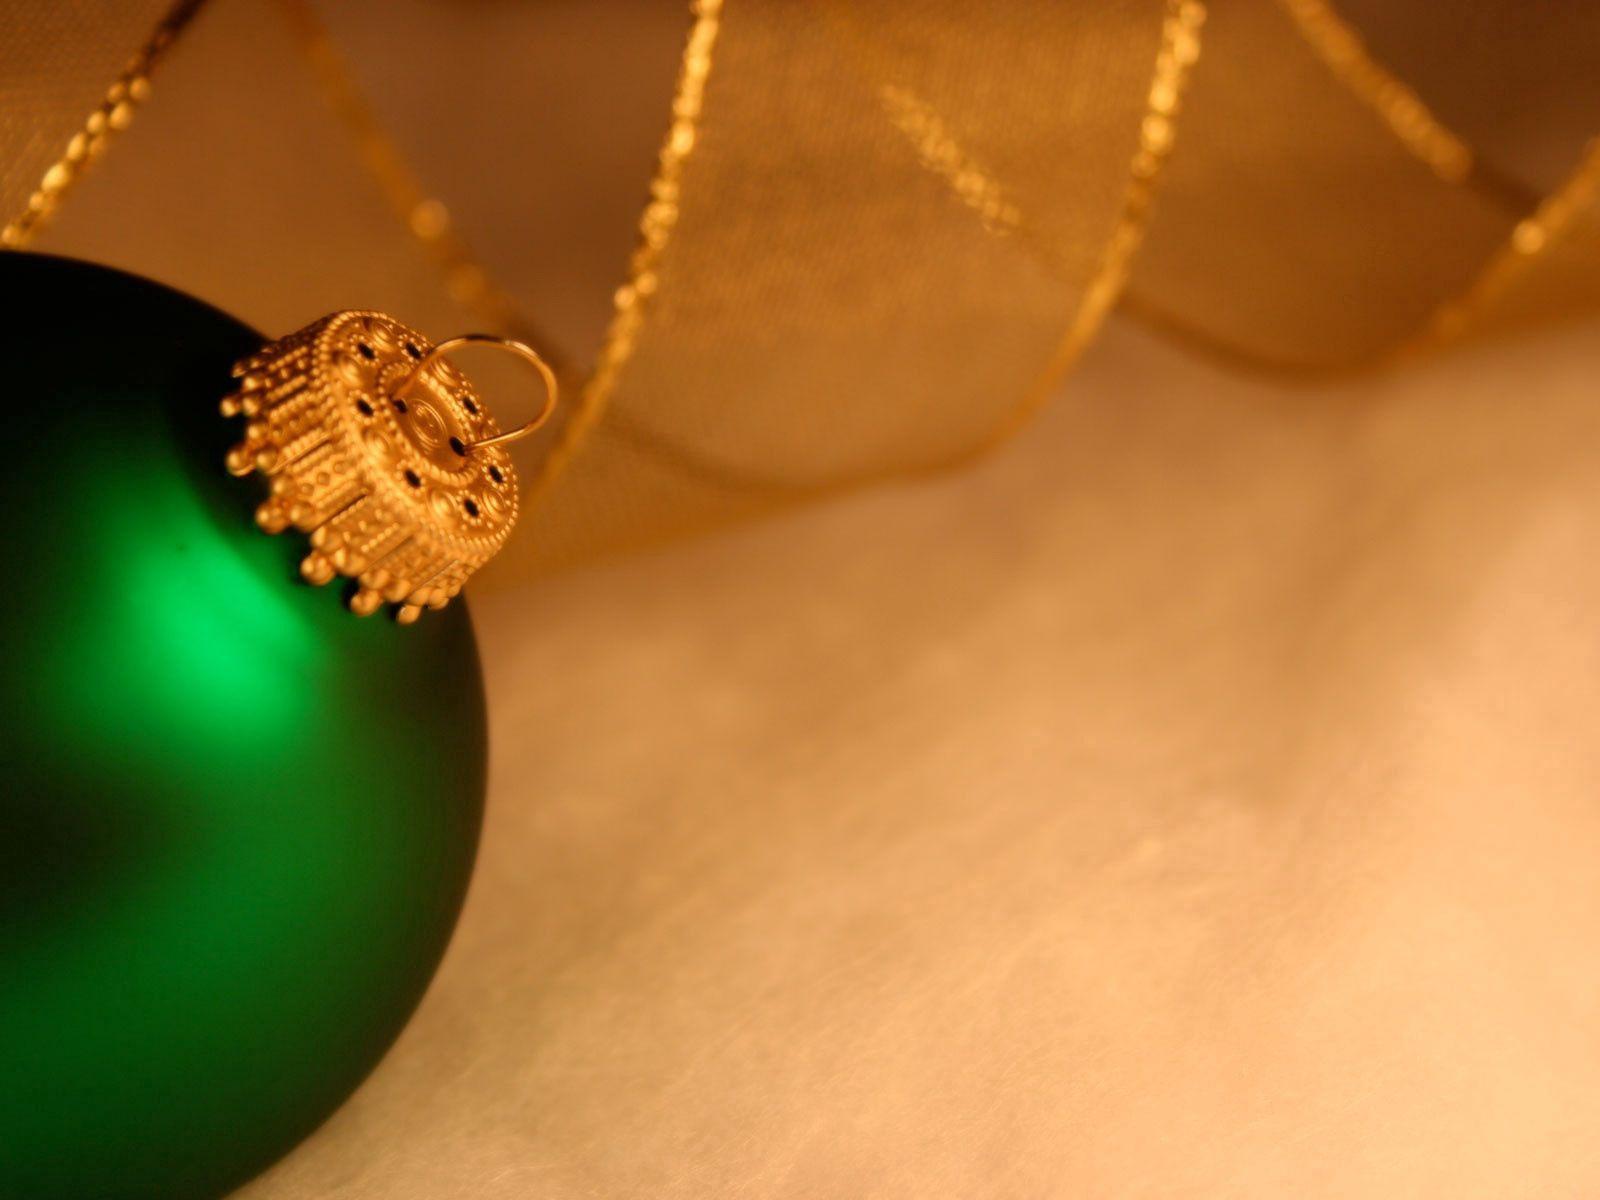 137729 скачать обои Праздники, Новый Год, Рождество, Шар, Игрушка, Зеленый - заставки и картинки бесплатно